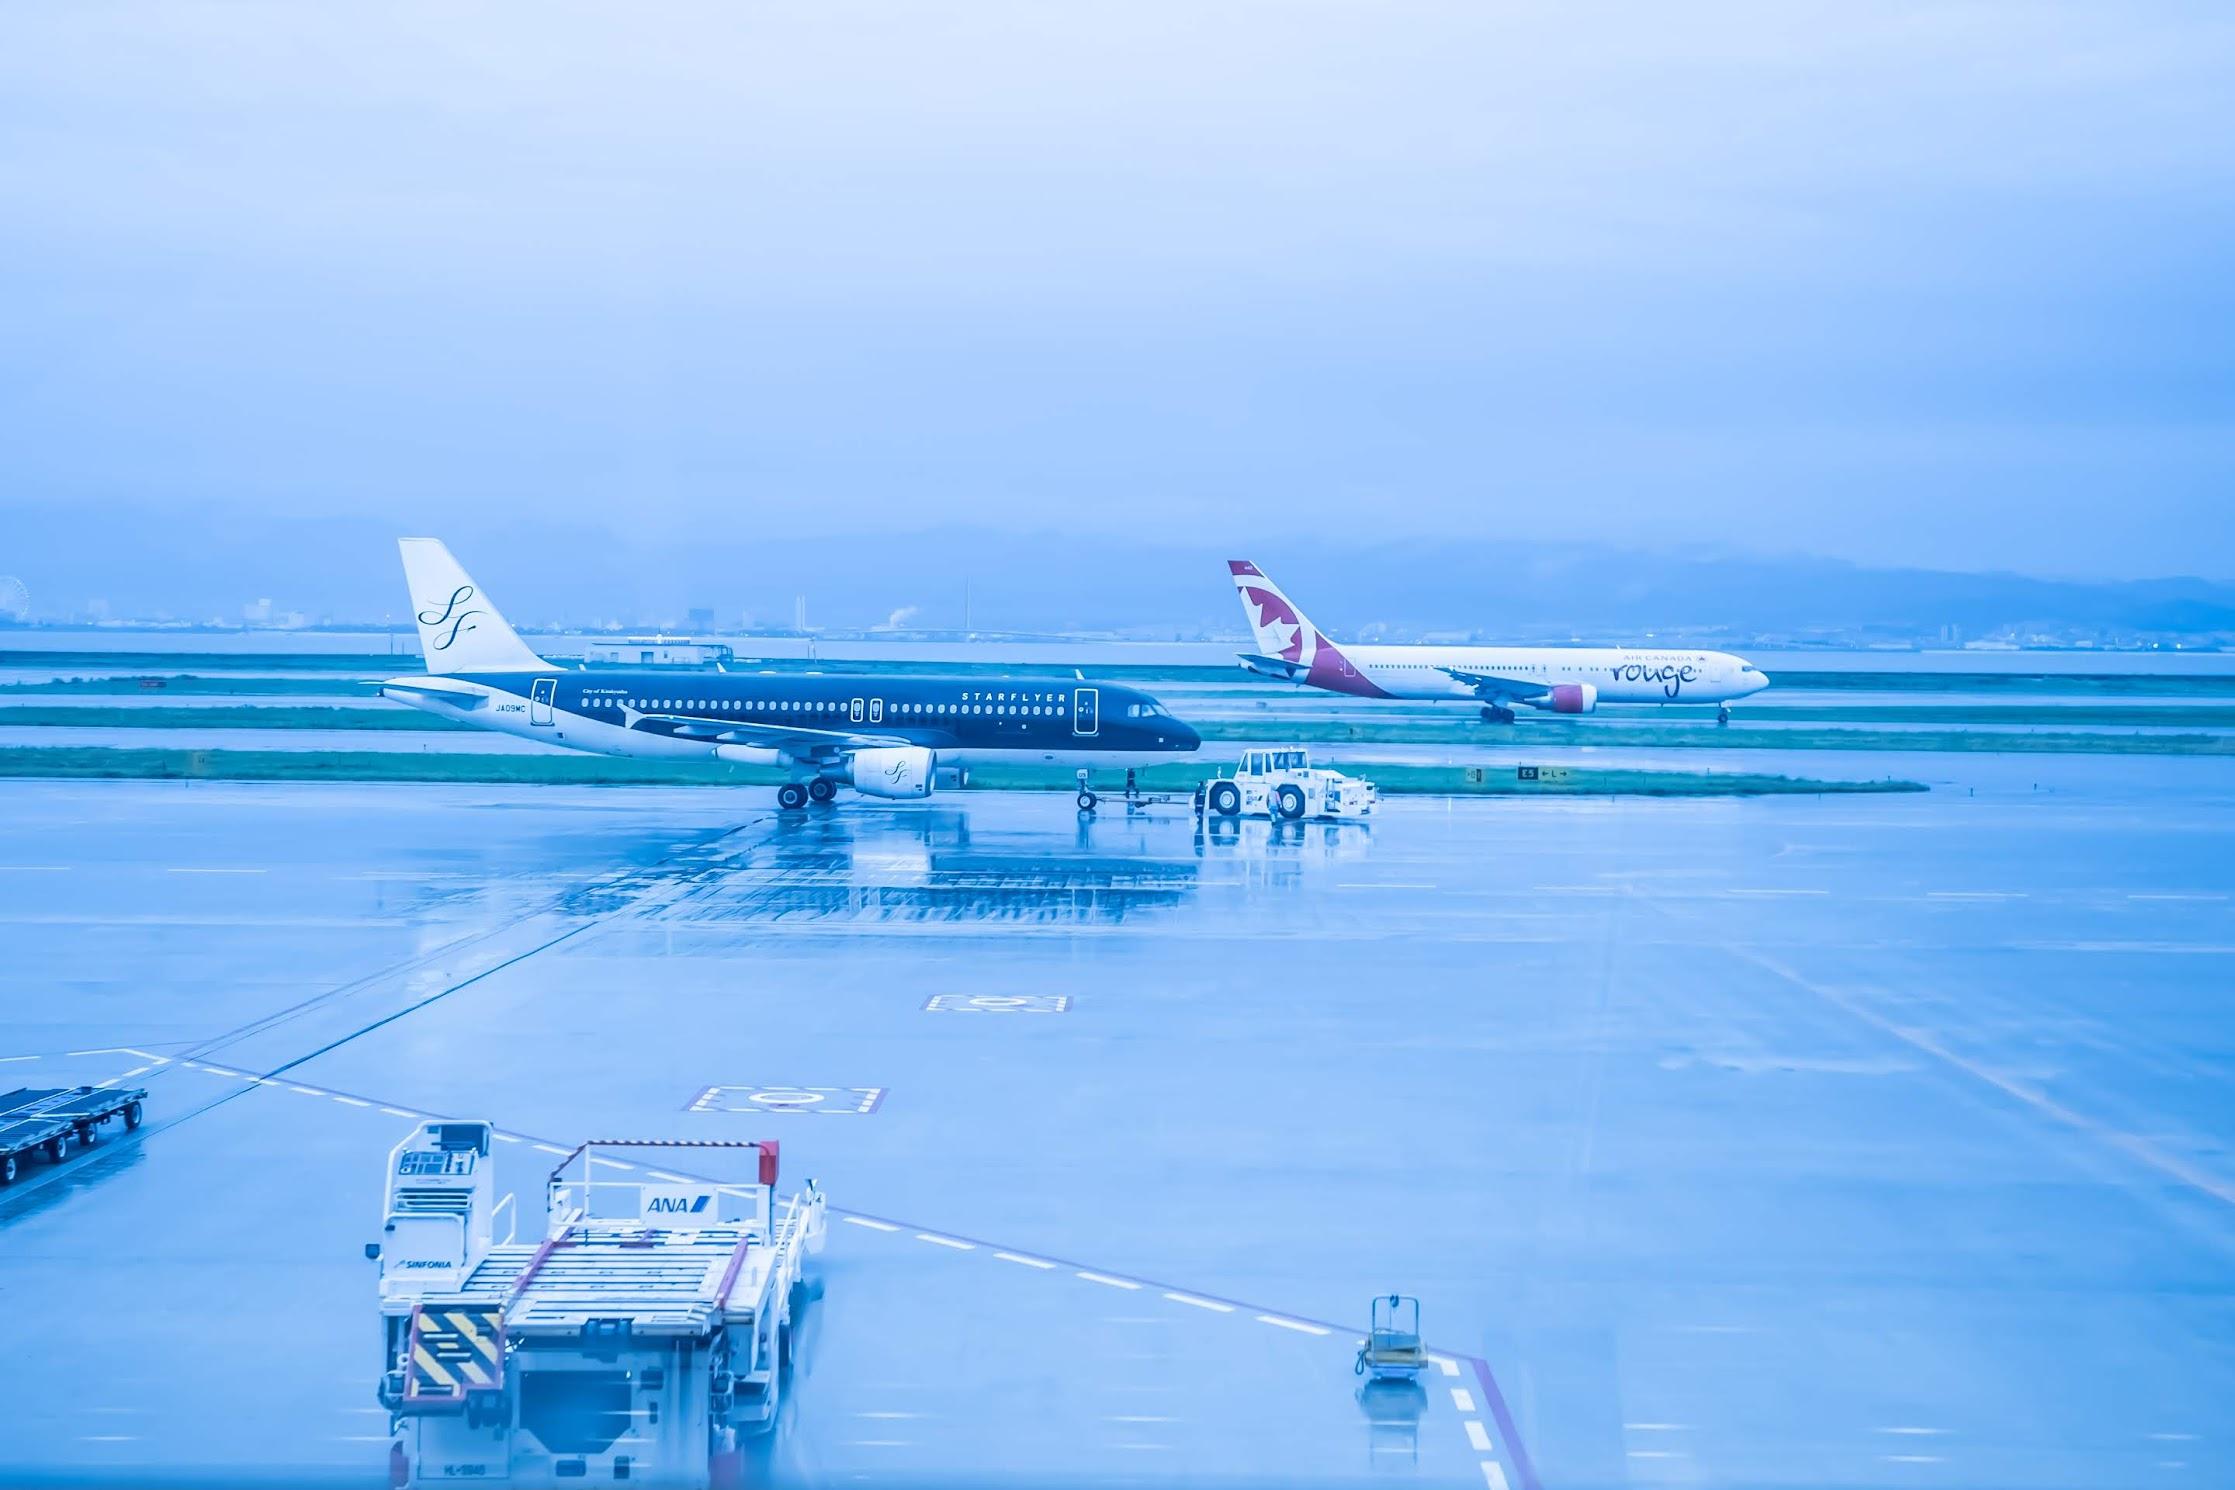 関西国際空港 スターフライヤー2